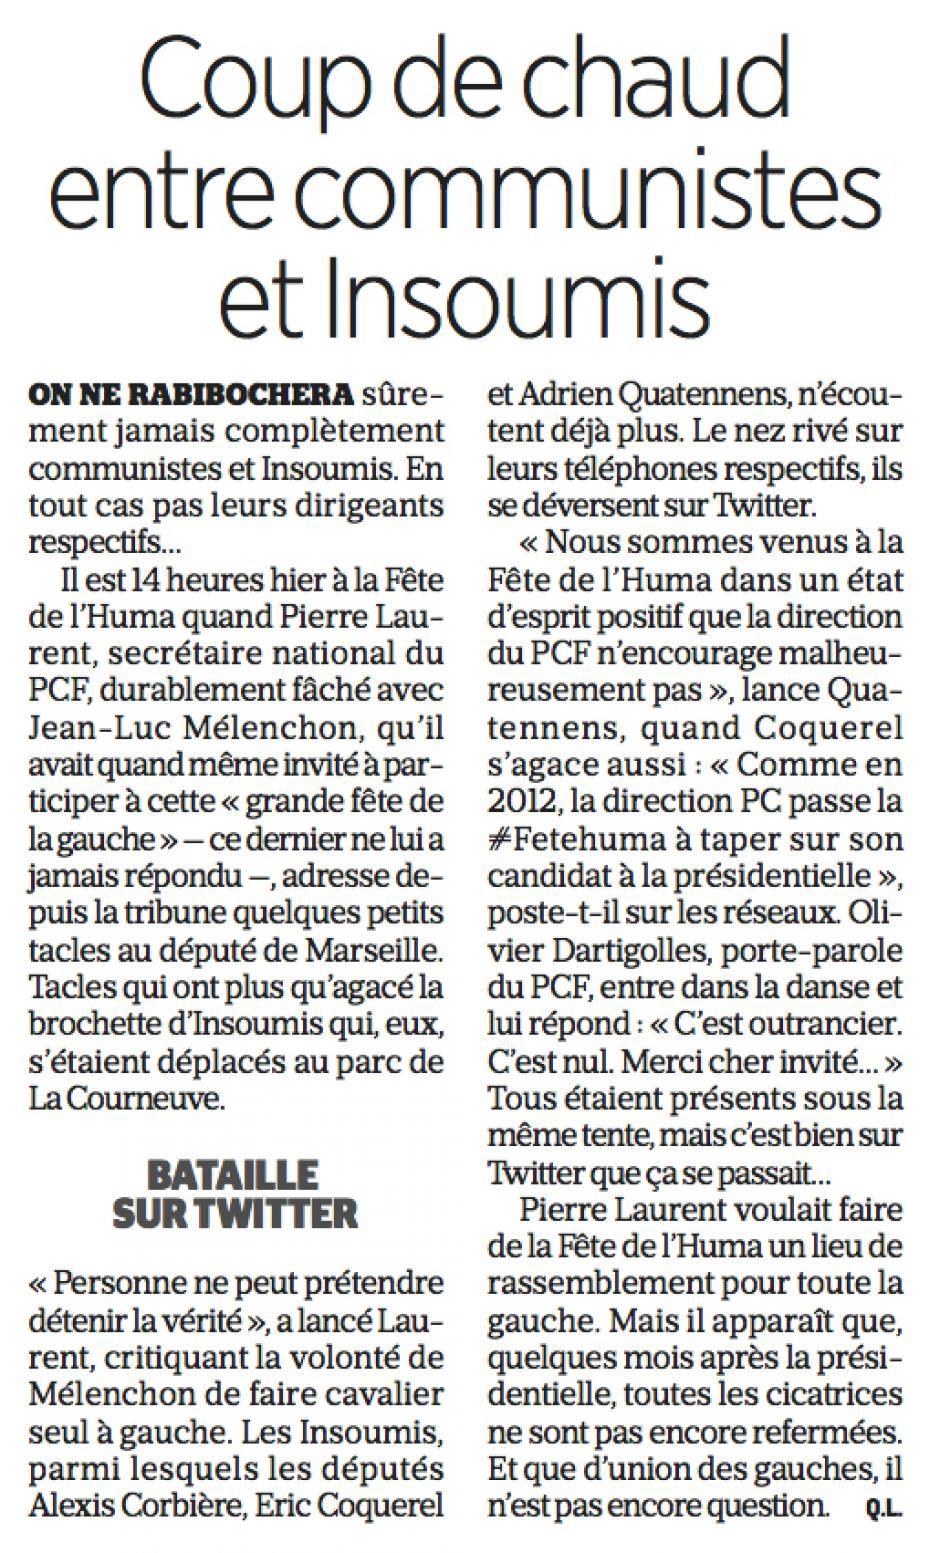 20170917-LeP-France-Coup de chaud entre communistes et insoumis